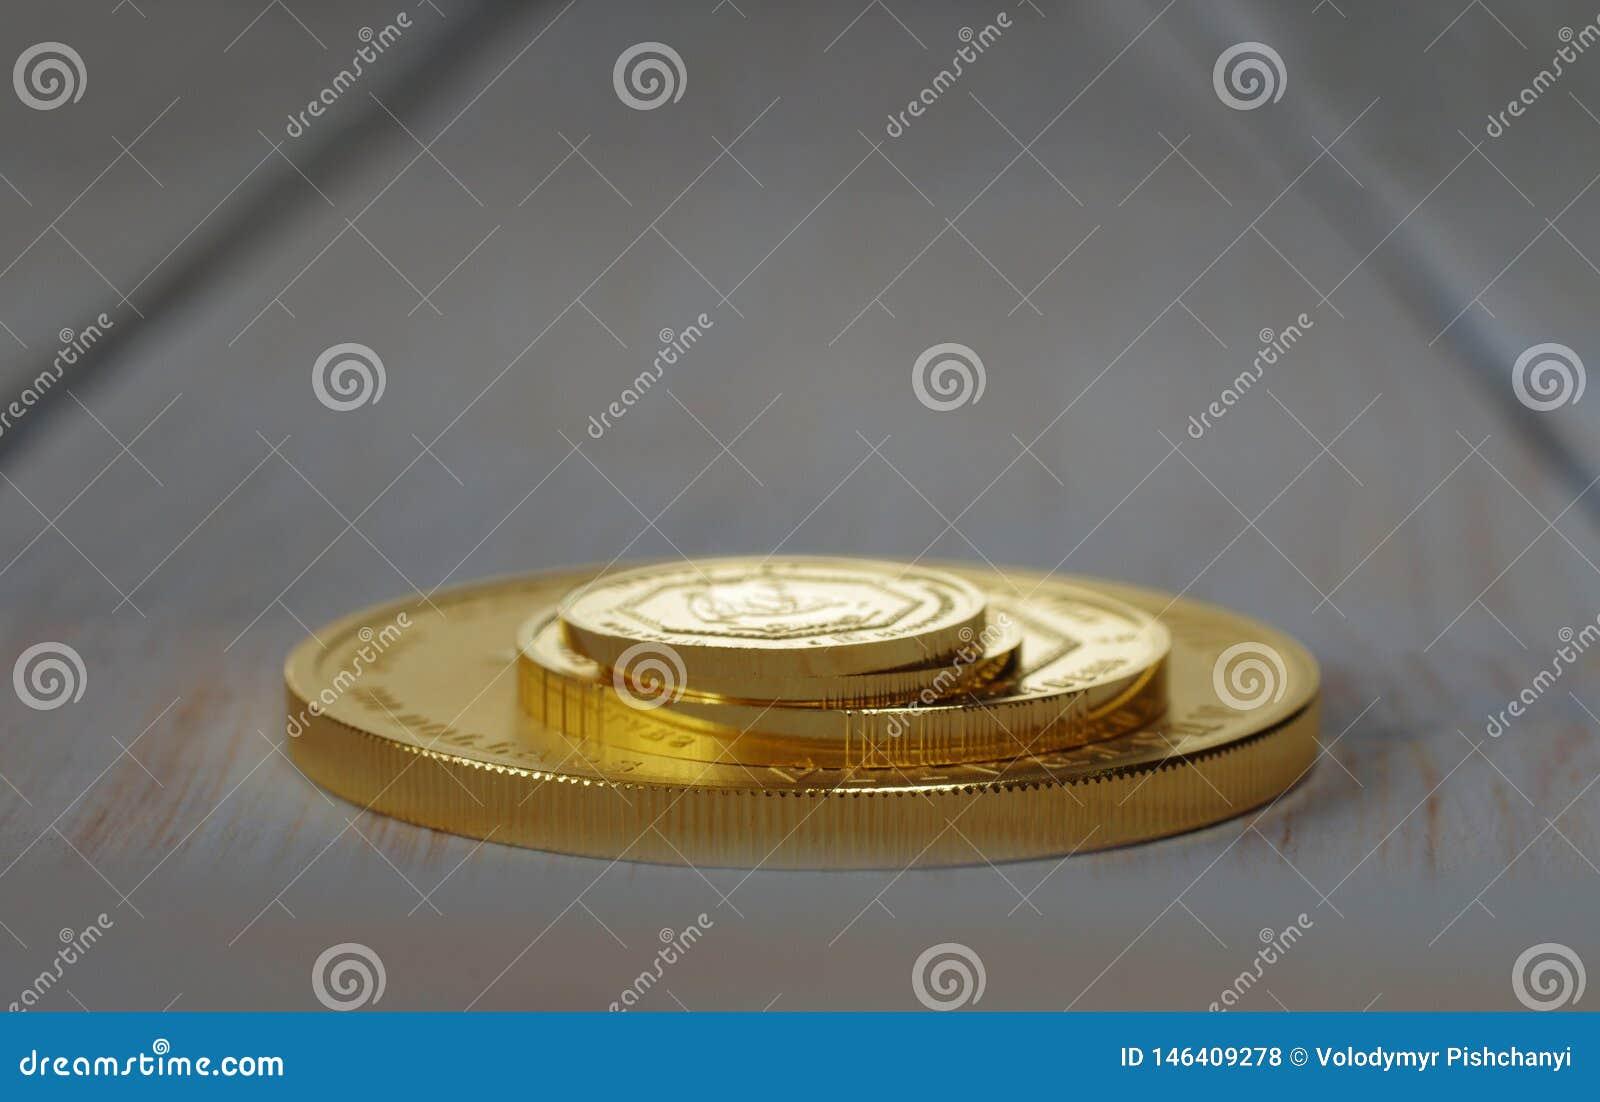 En hög av guld- mynt av olika format på en suddig bakgrund